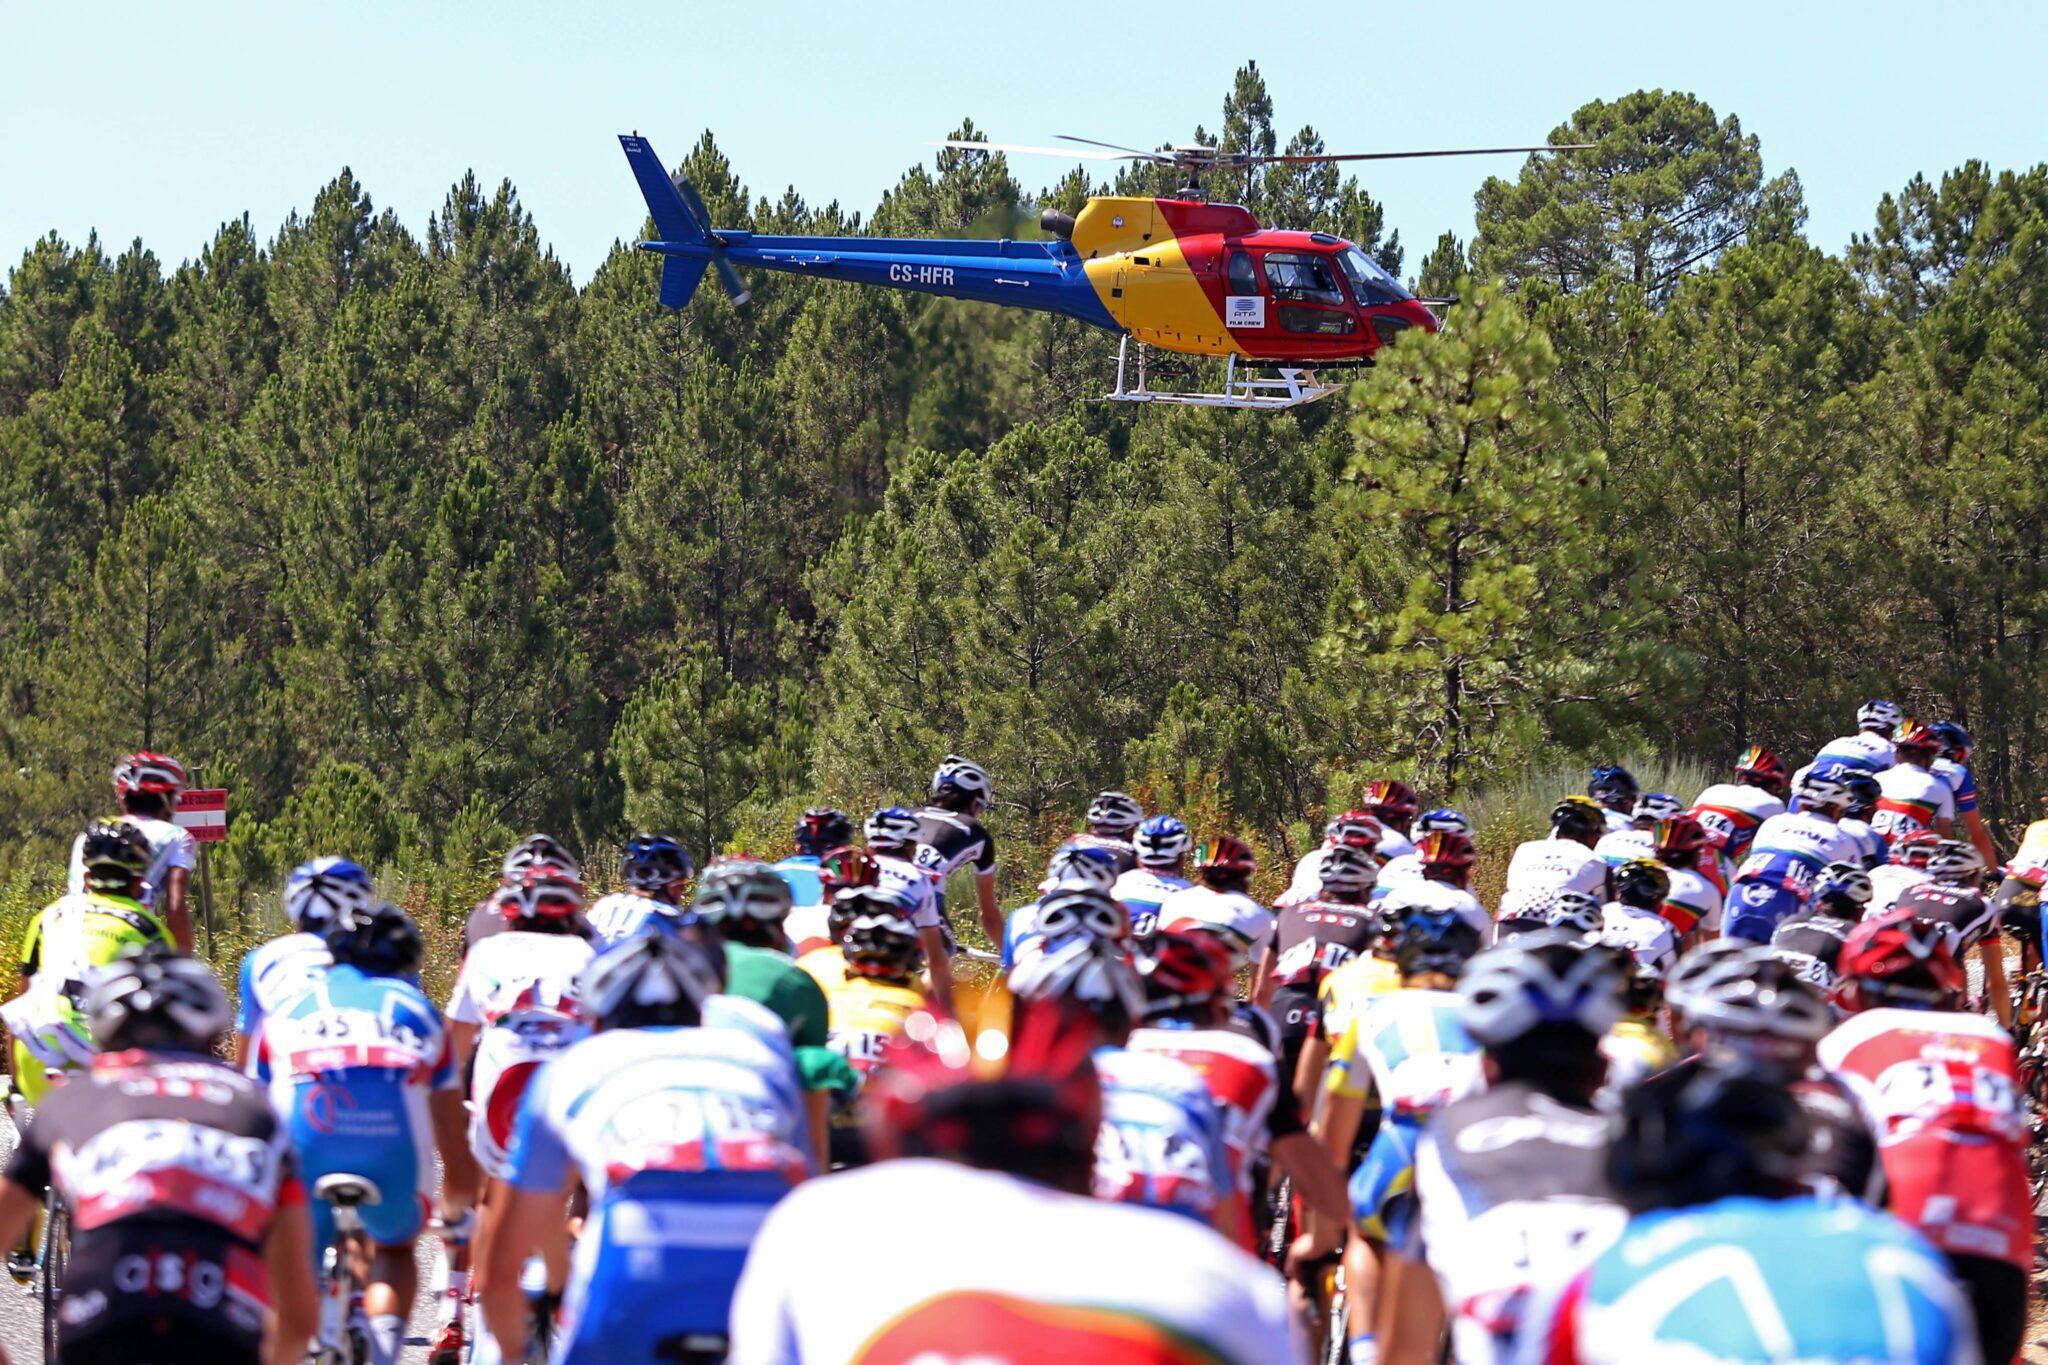 O pelotão é filmado por um helicóptero da televisão durante a 1ª Etapa da 74º Volta a Portugal em Bicicleta, disputada entre Termas do Monfortinho - Oliveira do Hospital, 16 de agosto de 2012. NUNO VEIGA/LUSA